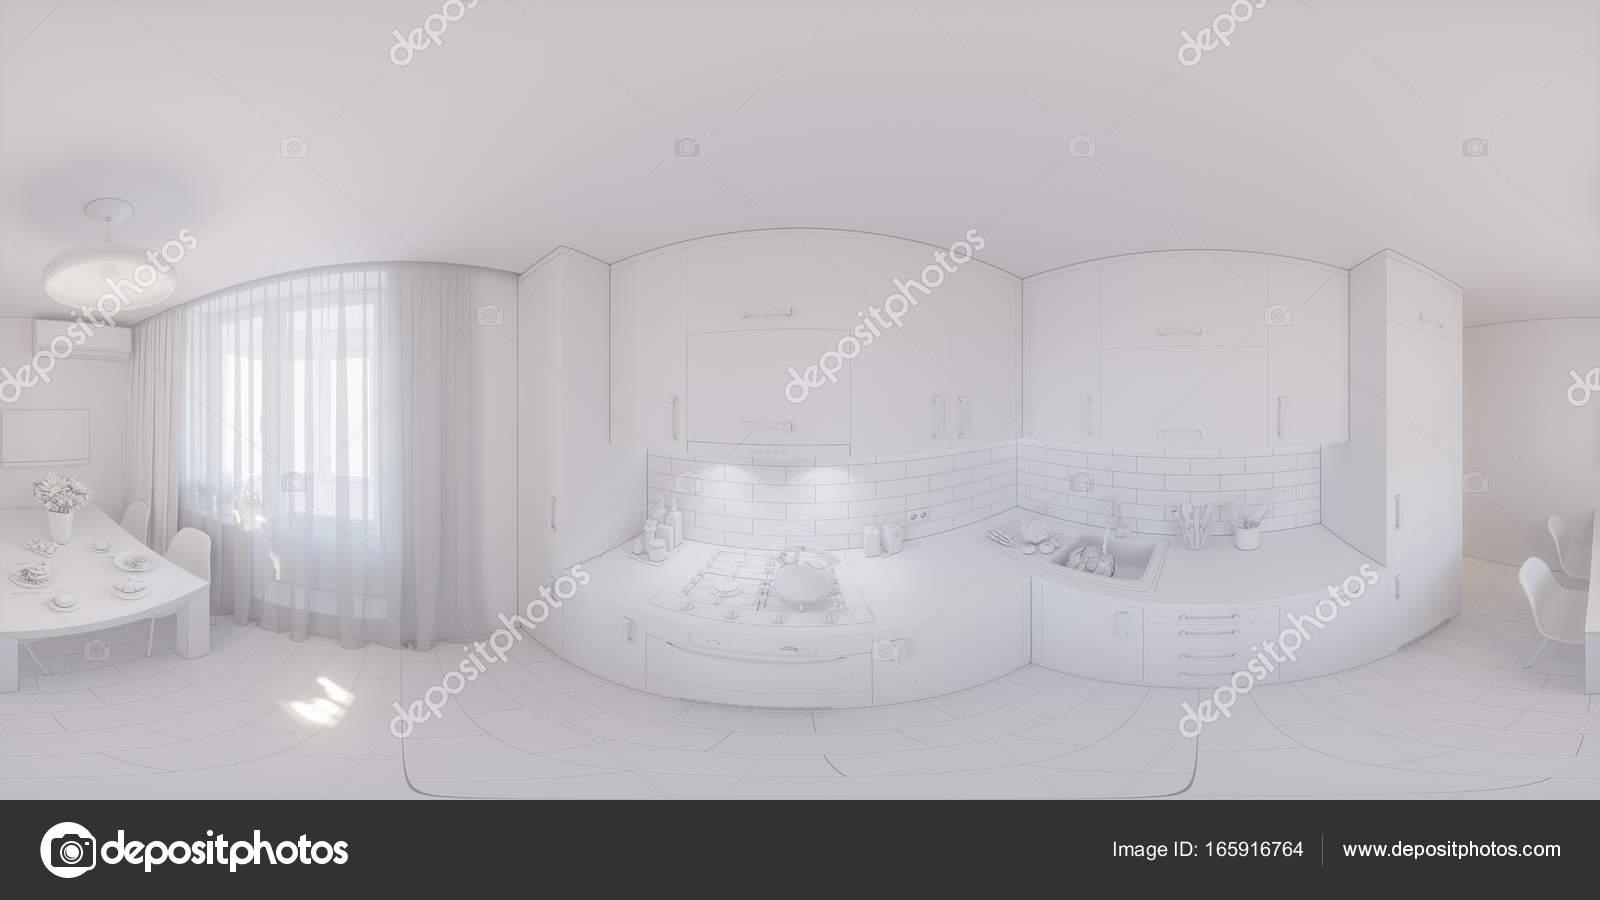 panorama 360 de cocina diseño — Foto de stock © Richman21 #165916764